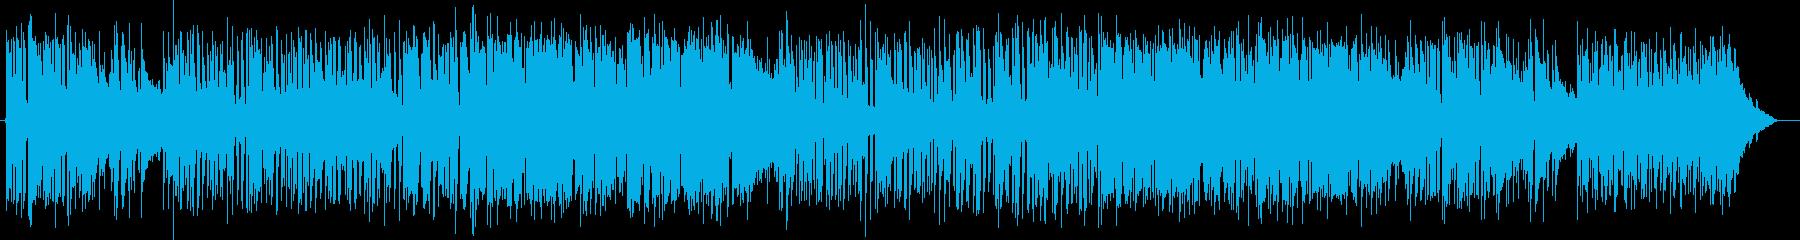 親しみあるポップソング風BGMの再生済みの波形